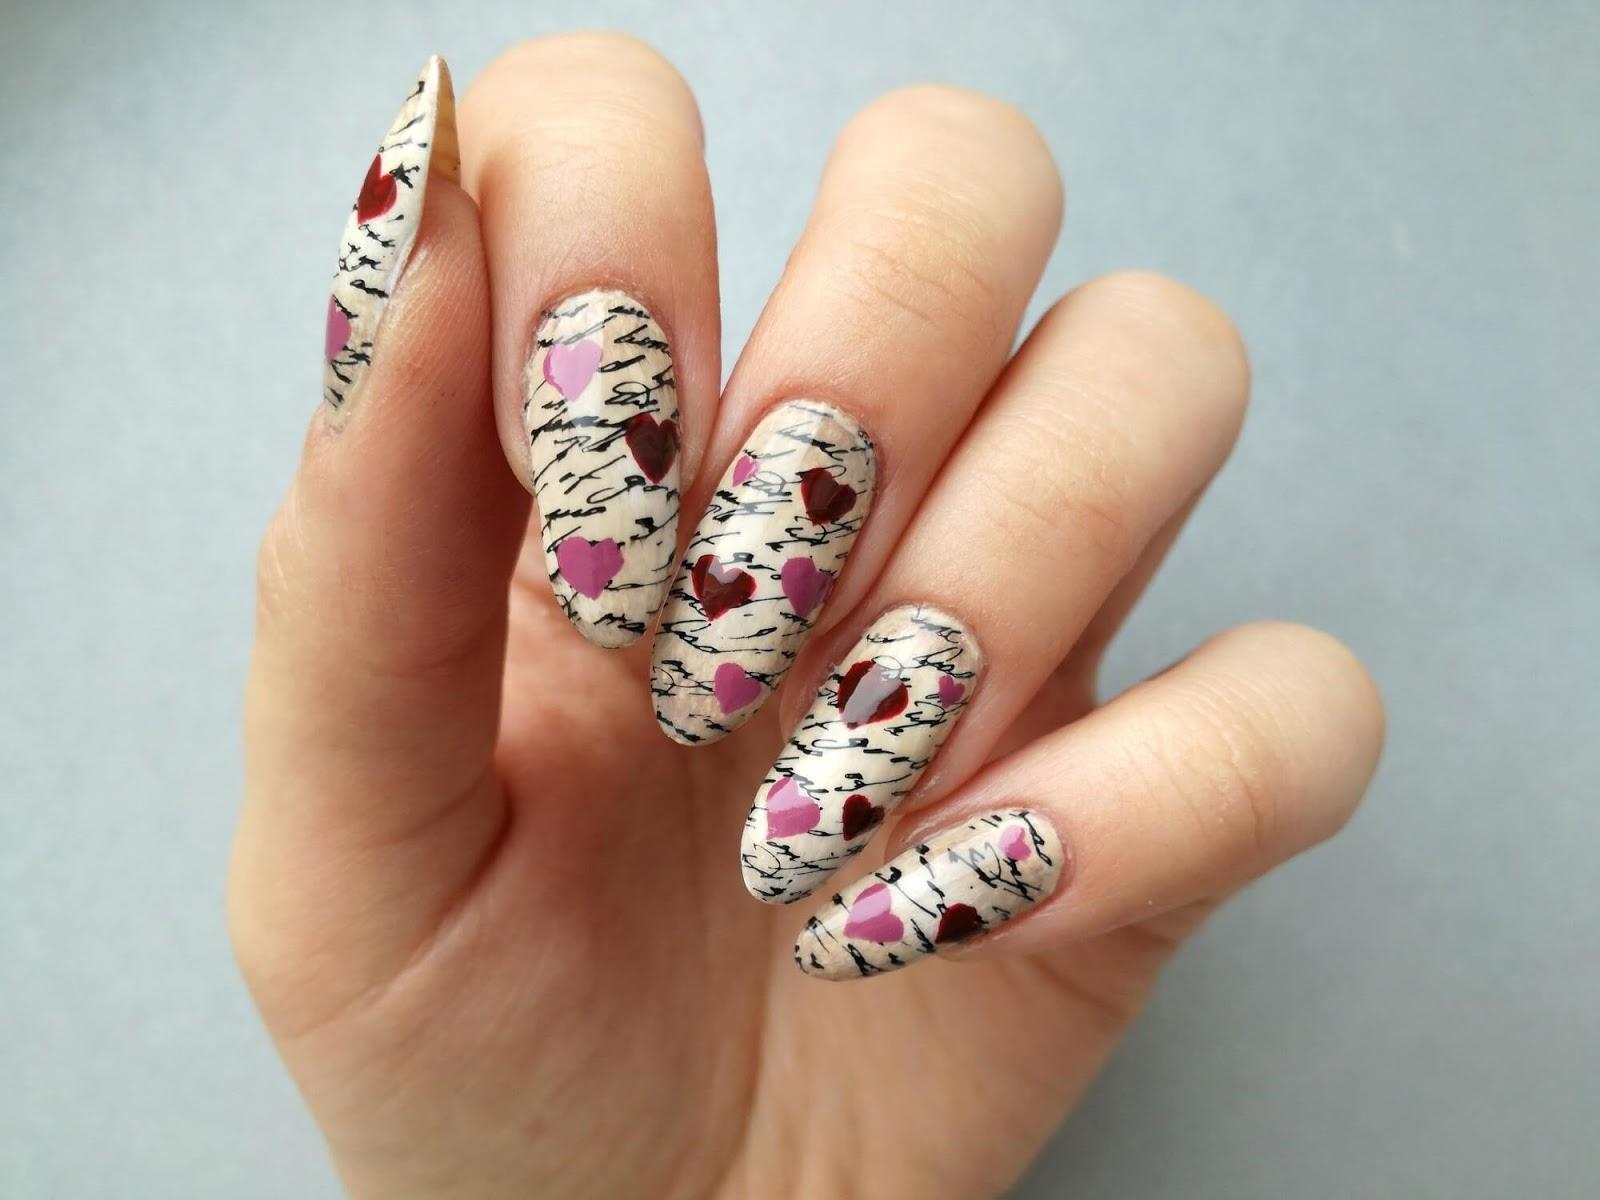 paznokcie w serduszka